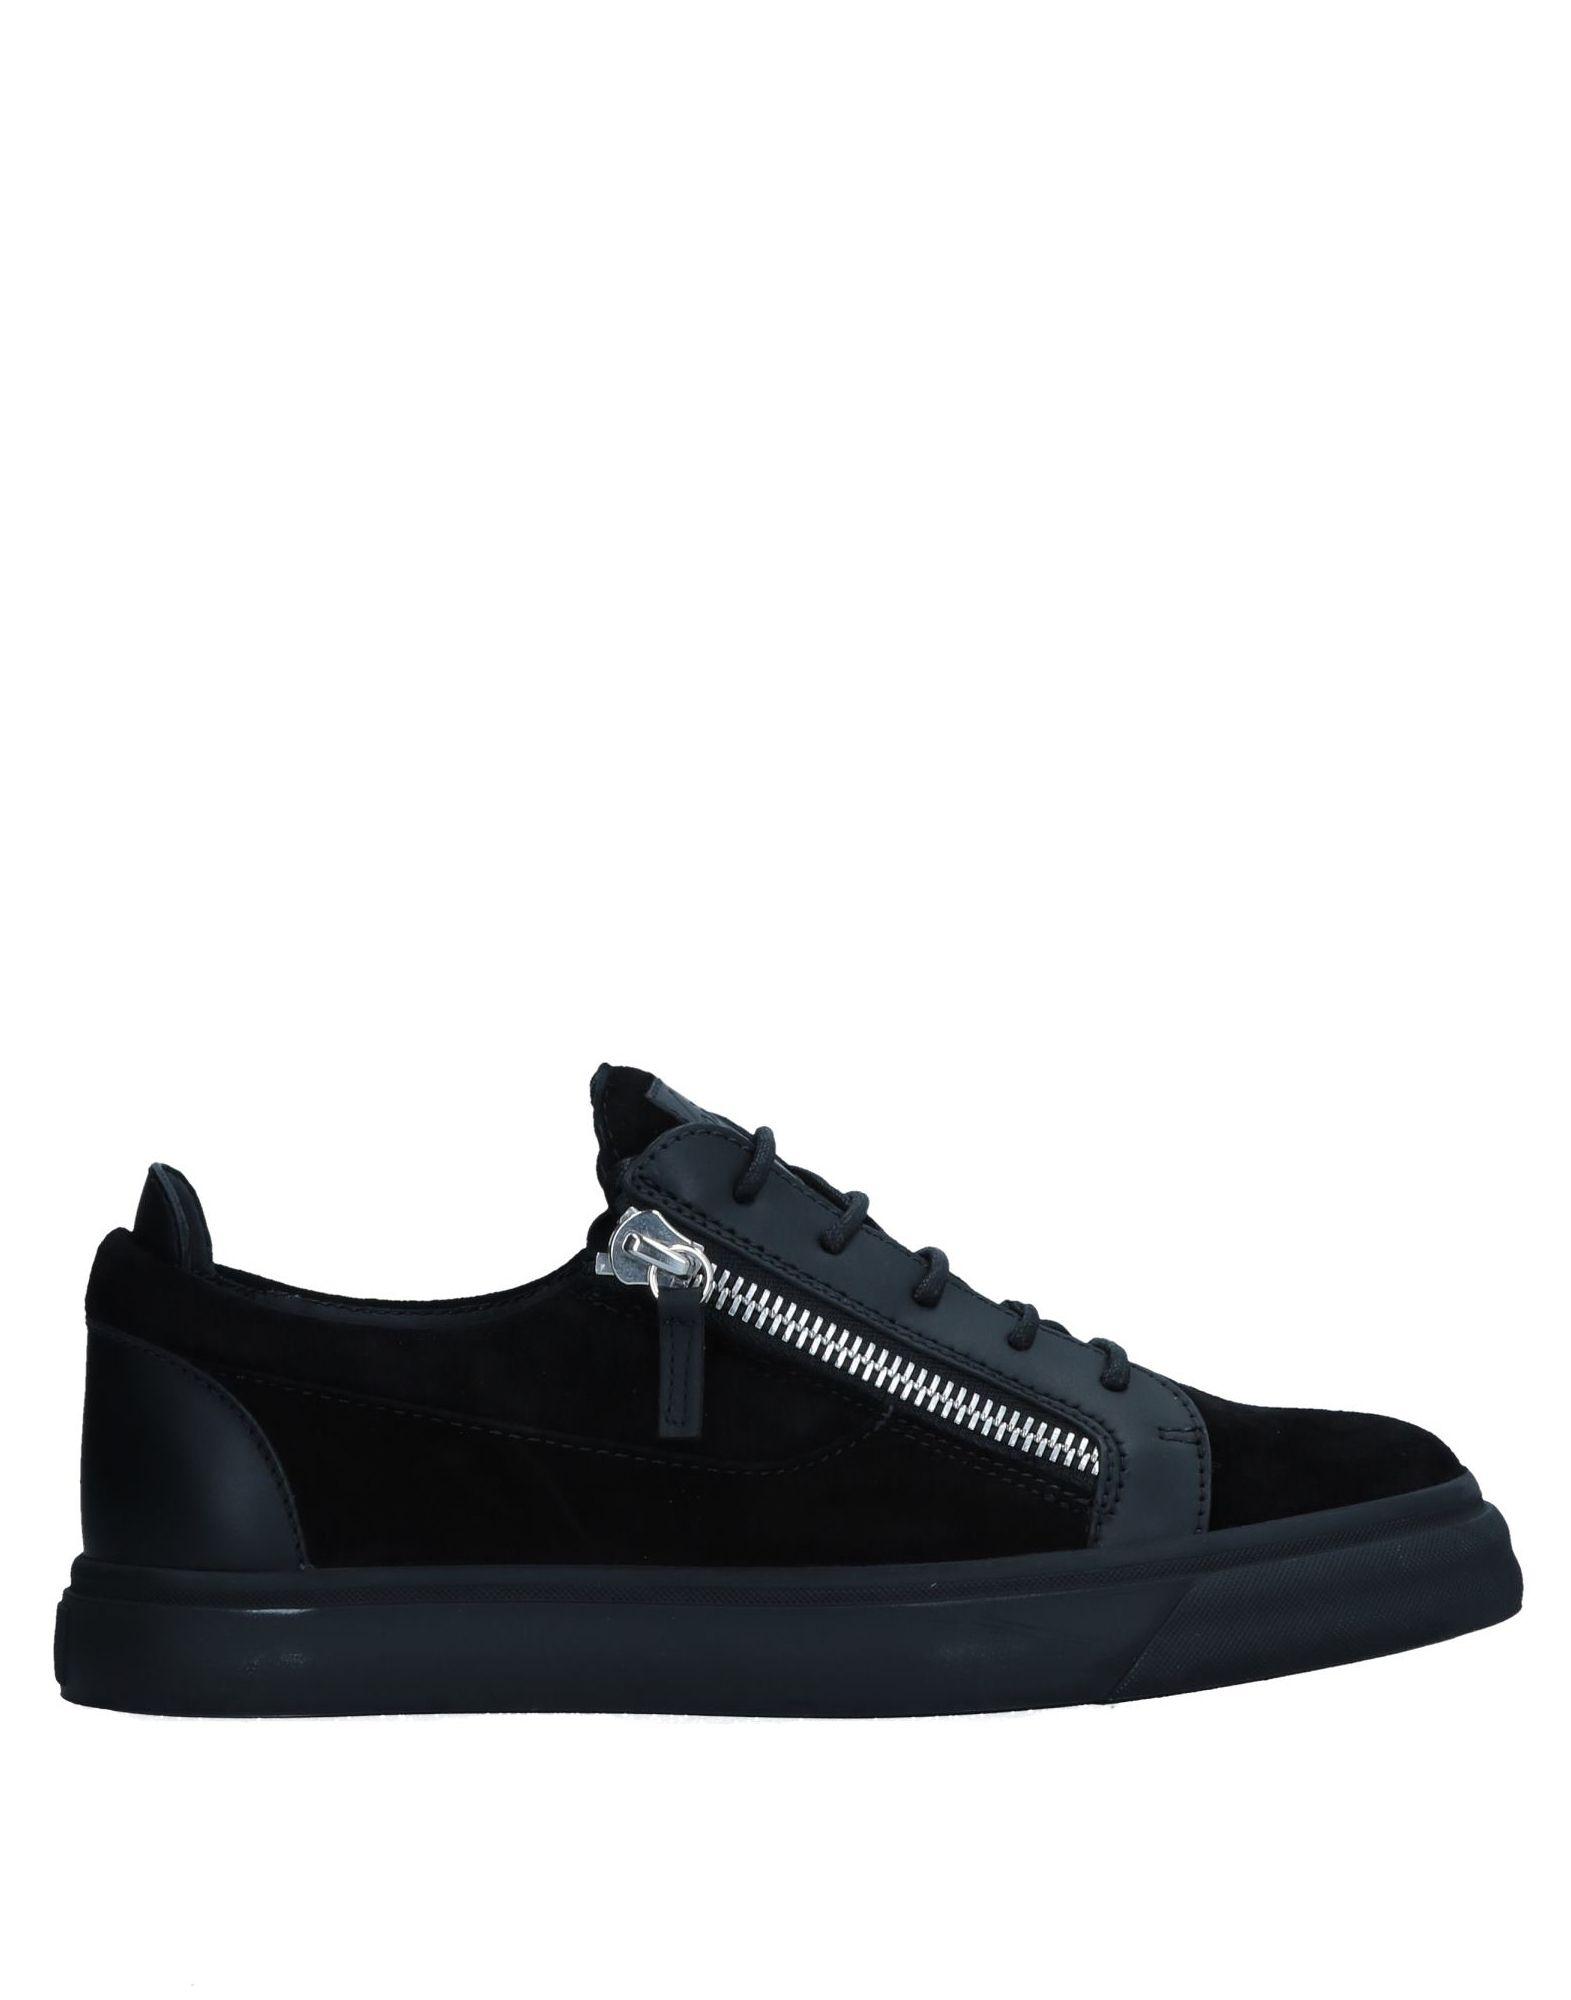 Sneakers Giuseppe Zanotti Homme - Sneakers Giuseppe Zanotti  Noir Chaussures femme pas cher homme et femme